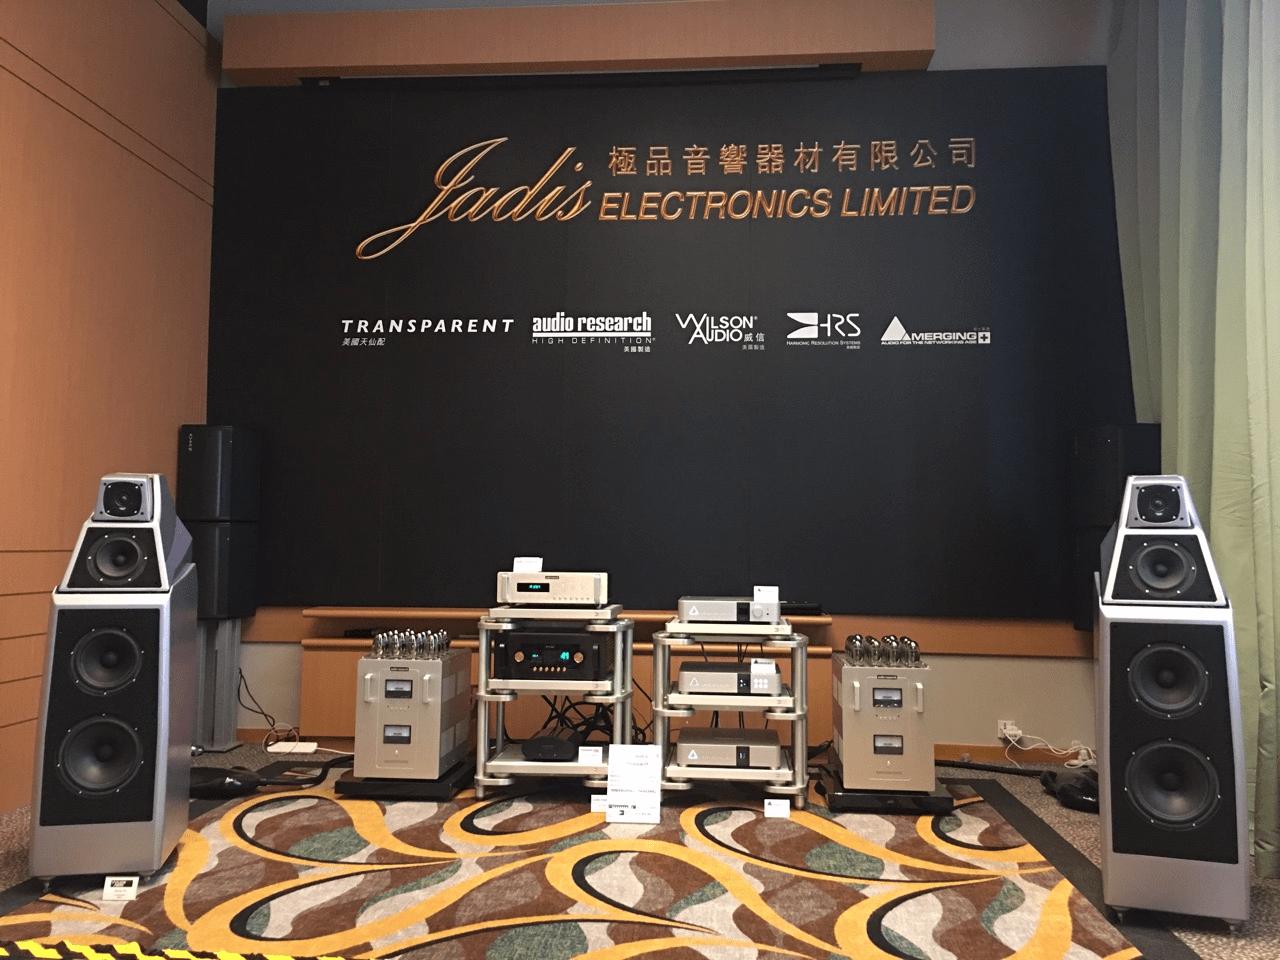 Hong Kong High End Audio Visual Show 2018 chat